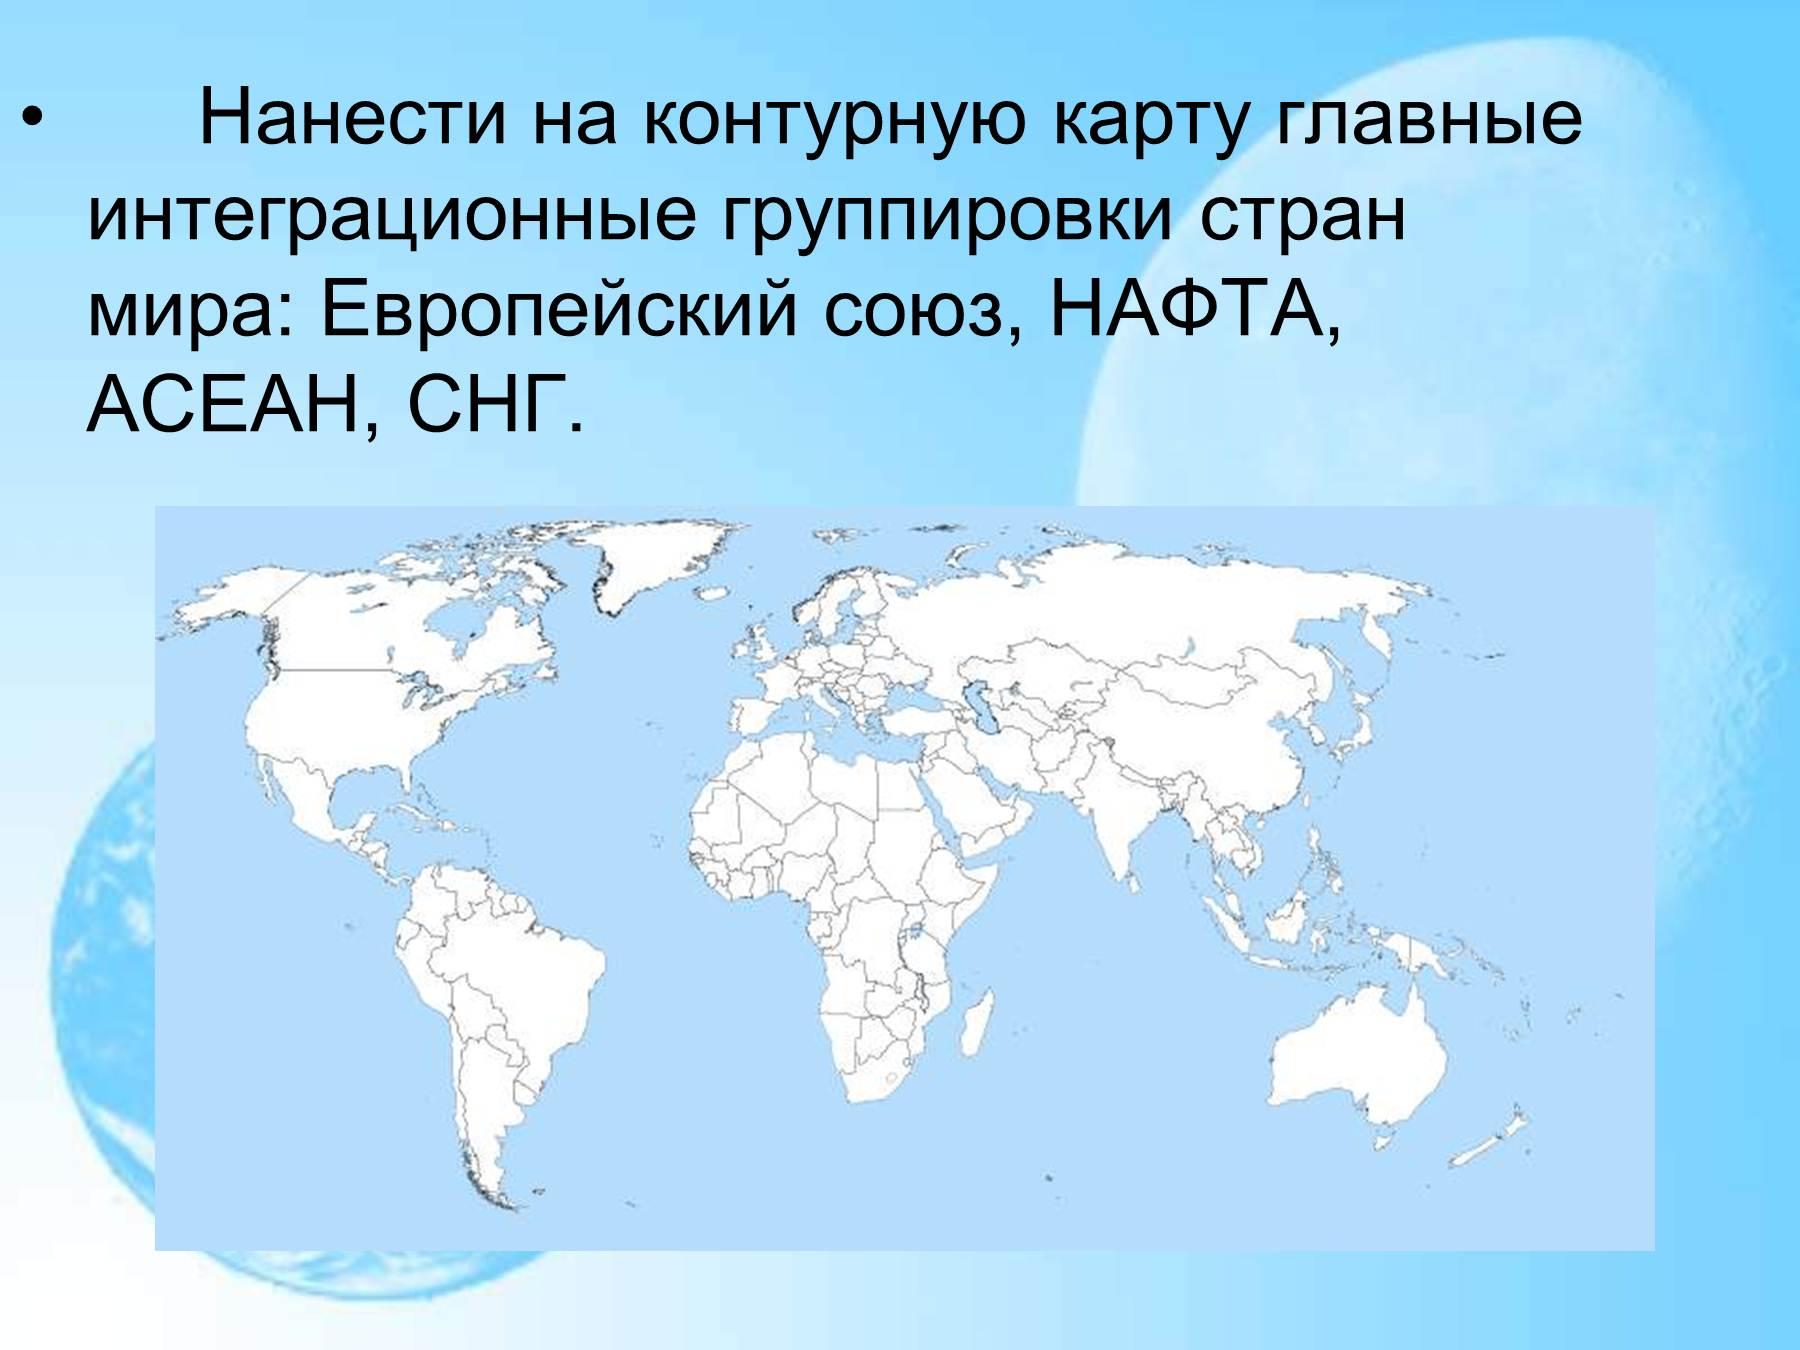 Время три страны являющиеся членами асеан когда увидел